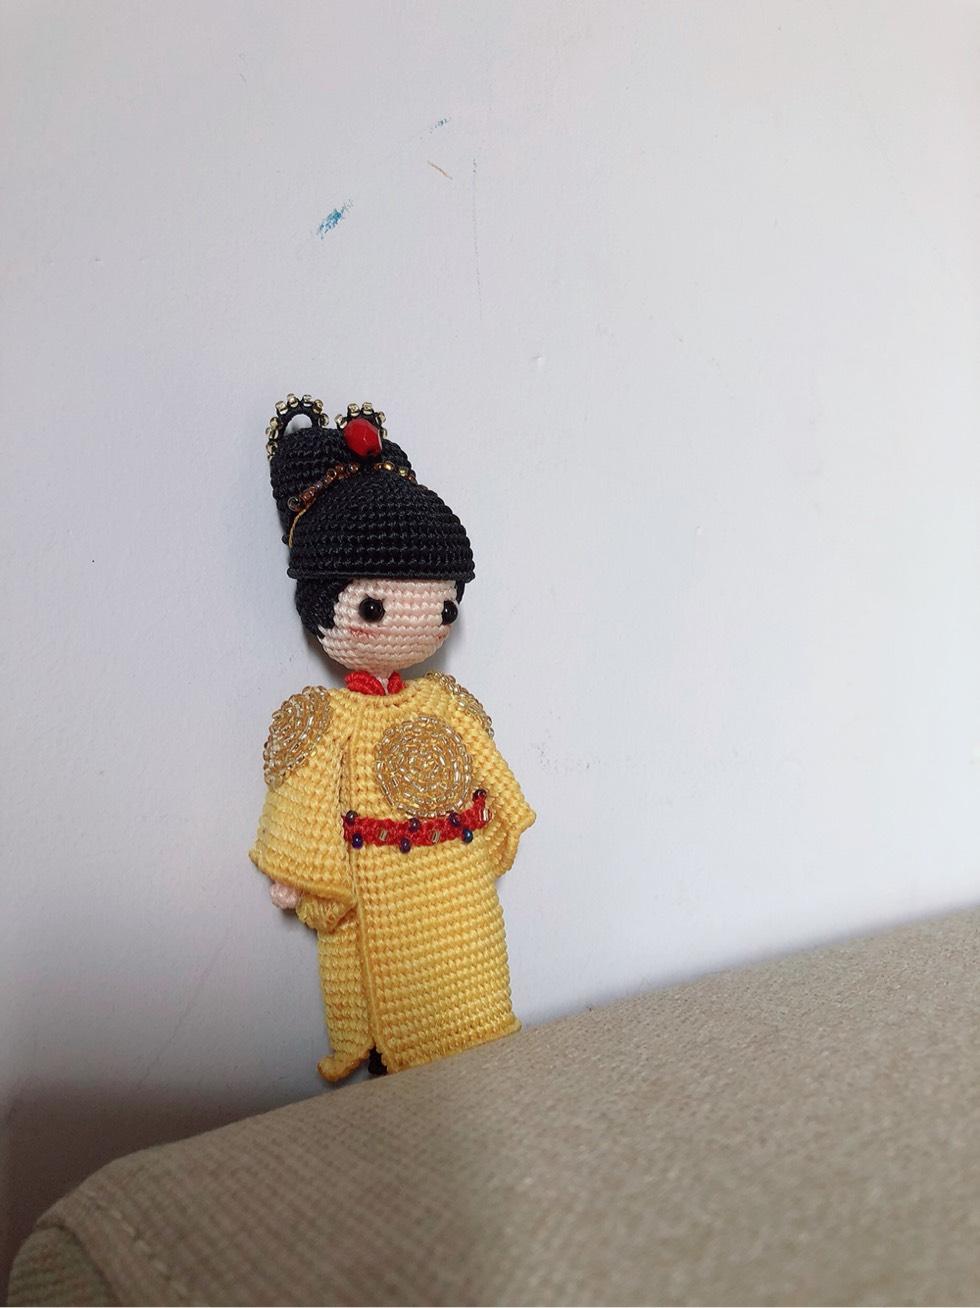 中国结论坛 明朝皇帝 清朝皇帝,明朝最伟大的三个皇帝,明朝十六位皇帝列表,明朝最后一个皇帝,明朝十六帝个个是奇葩 作品展示 195824lpelv9roz9o7mvv8